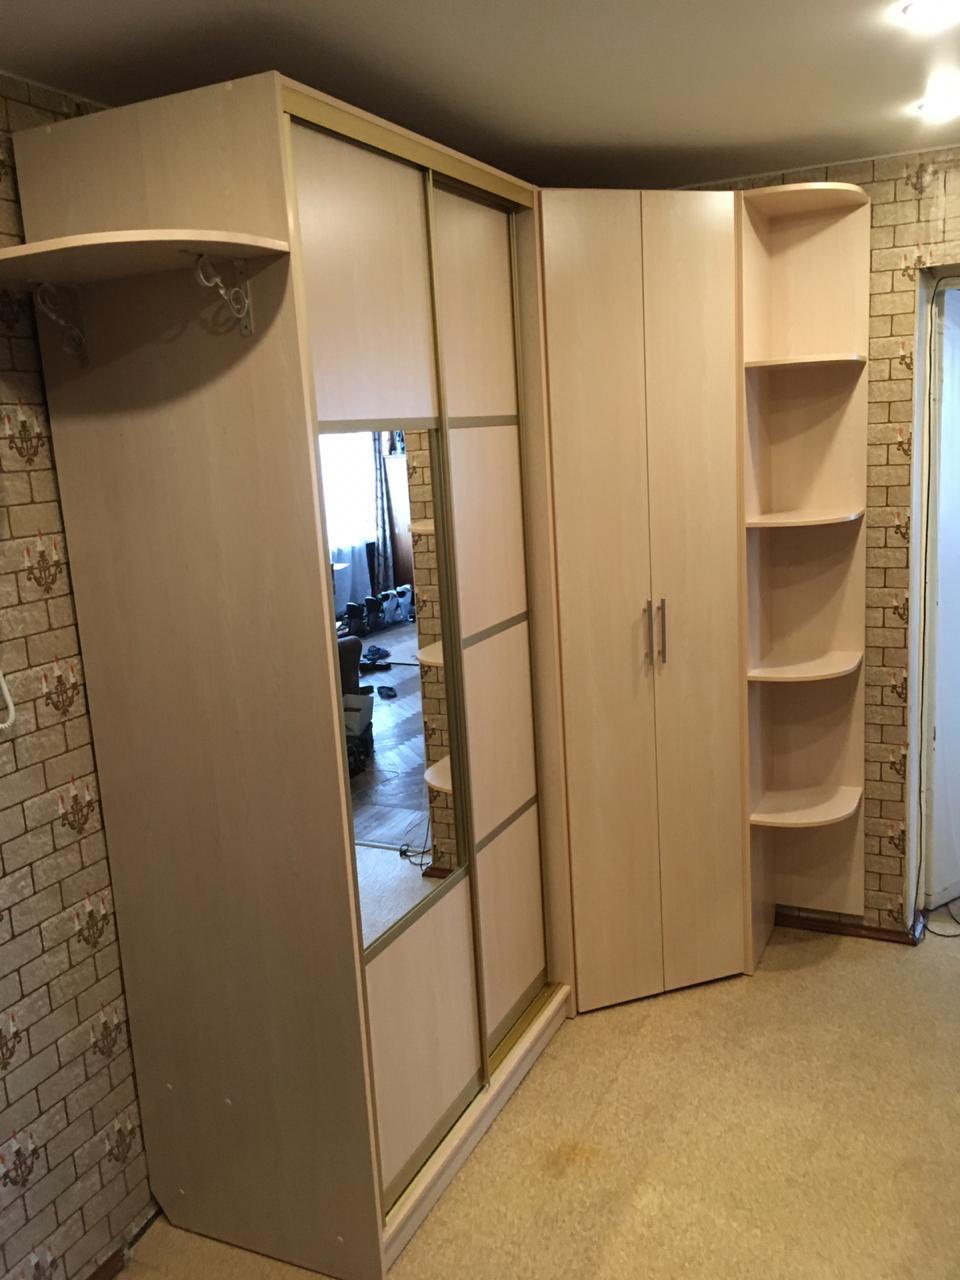 Угловой шкаф с распашными дверьми 2412х1019х1019х605х605 мм